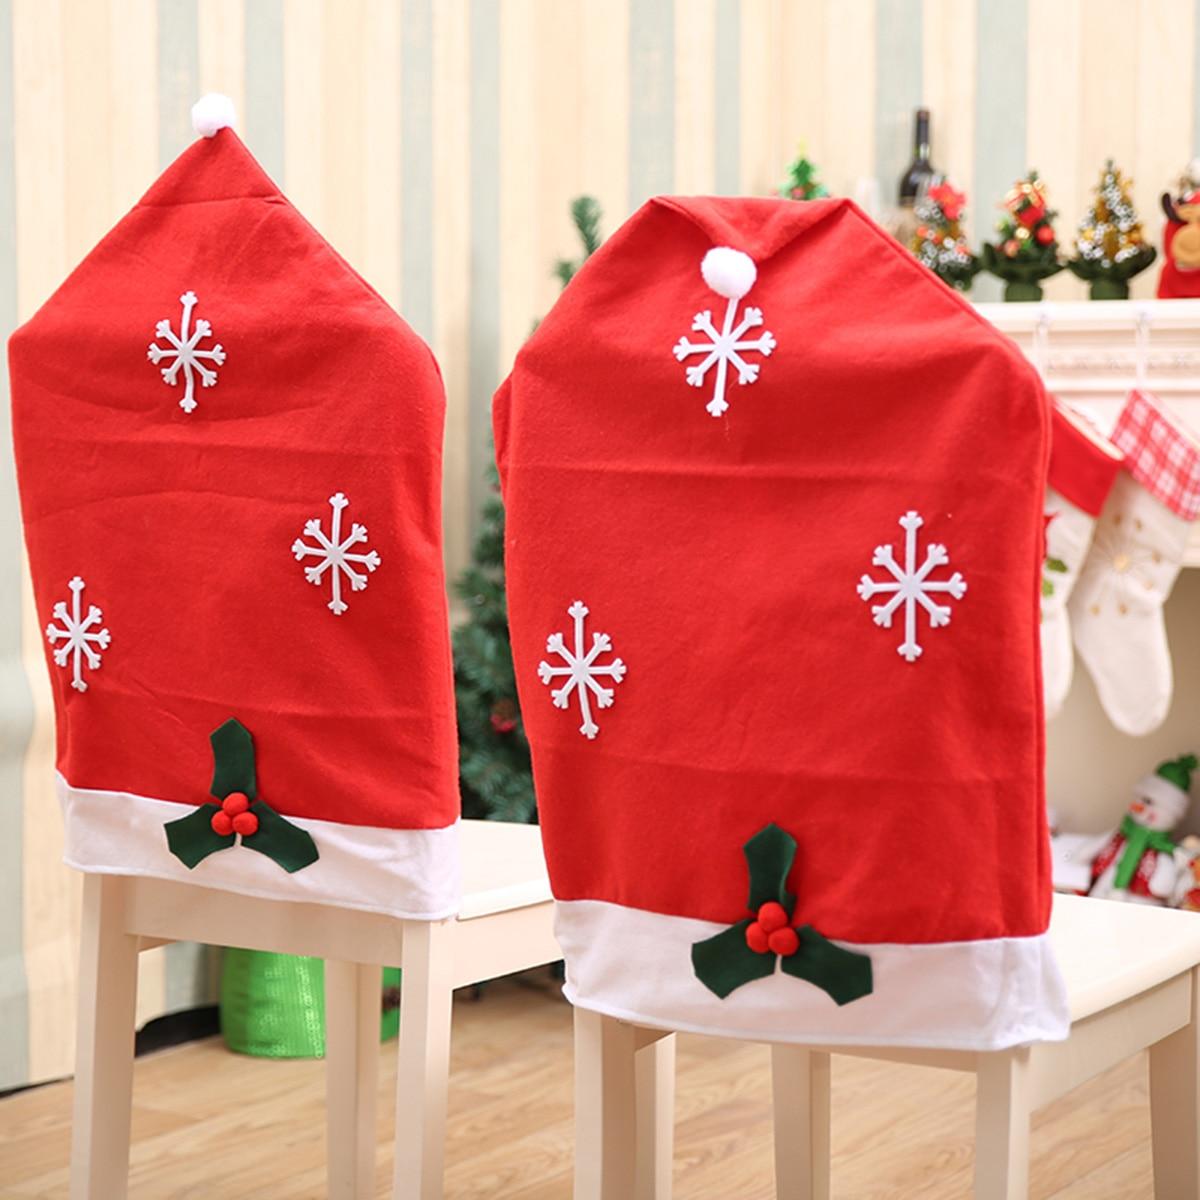 1 2 4 6pcs Christmas Chair Cover Snowflake Santa Claus Cap